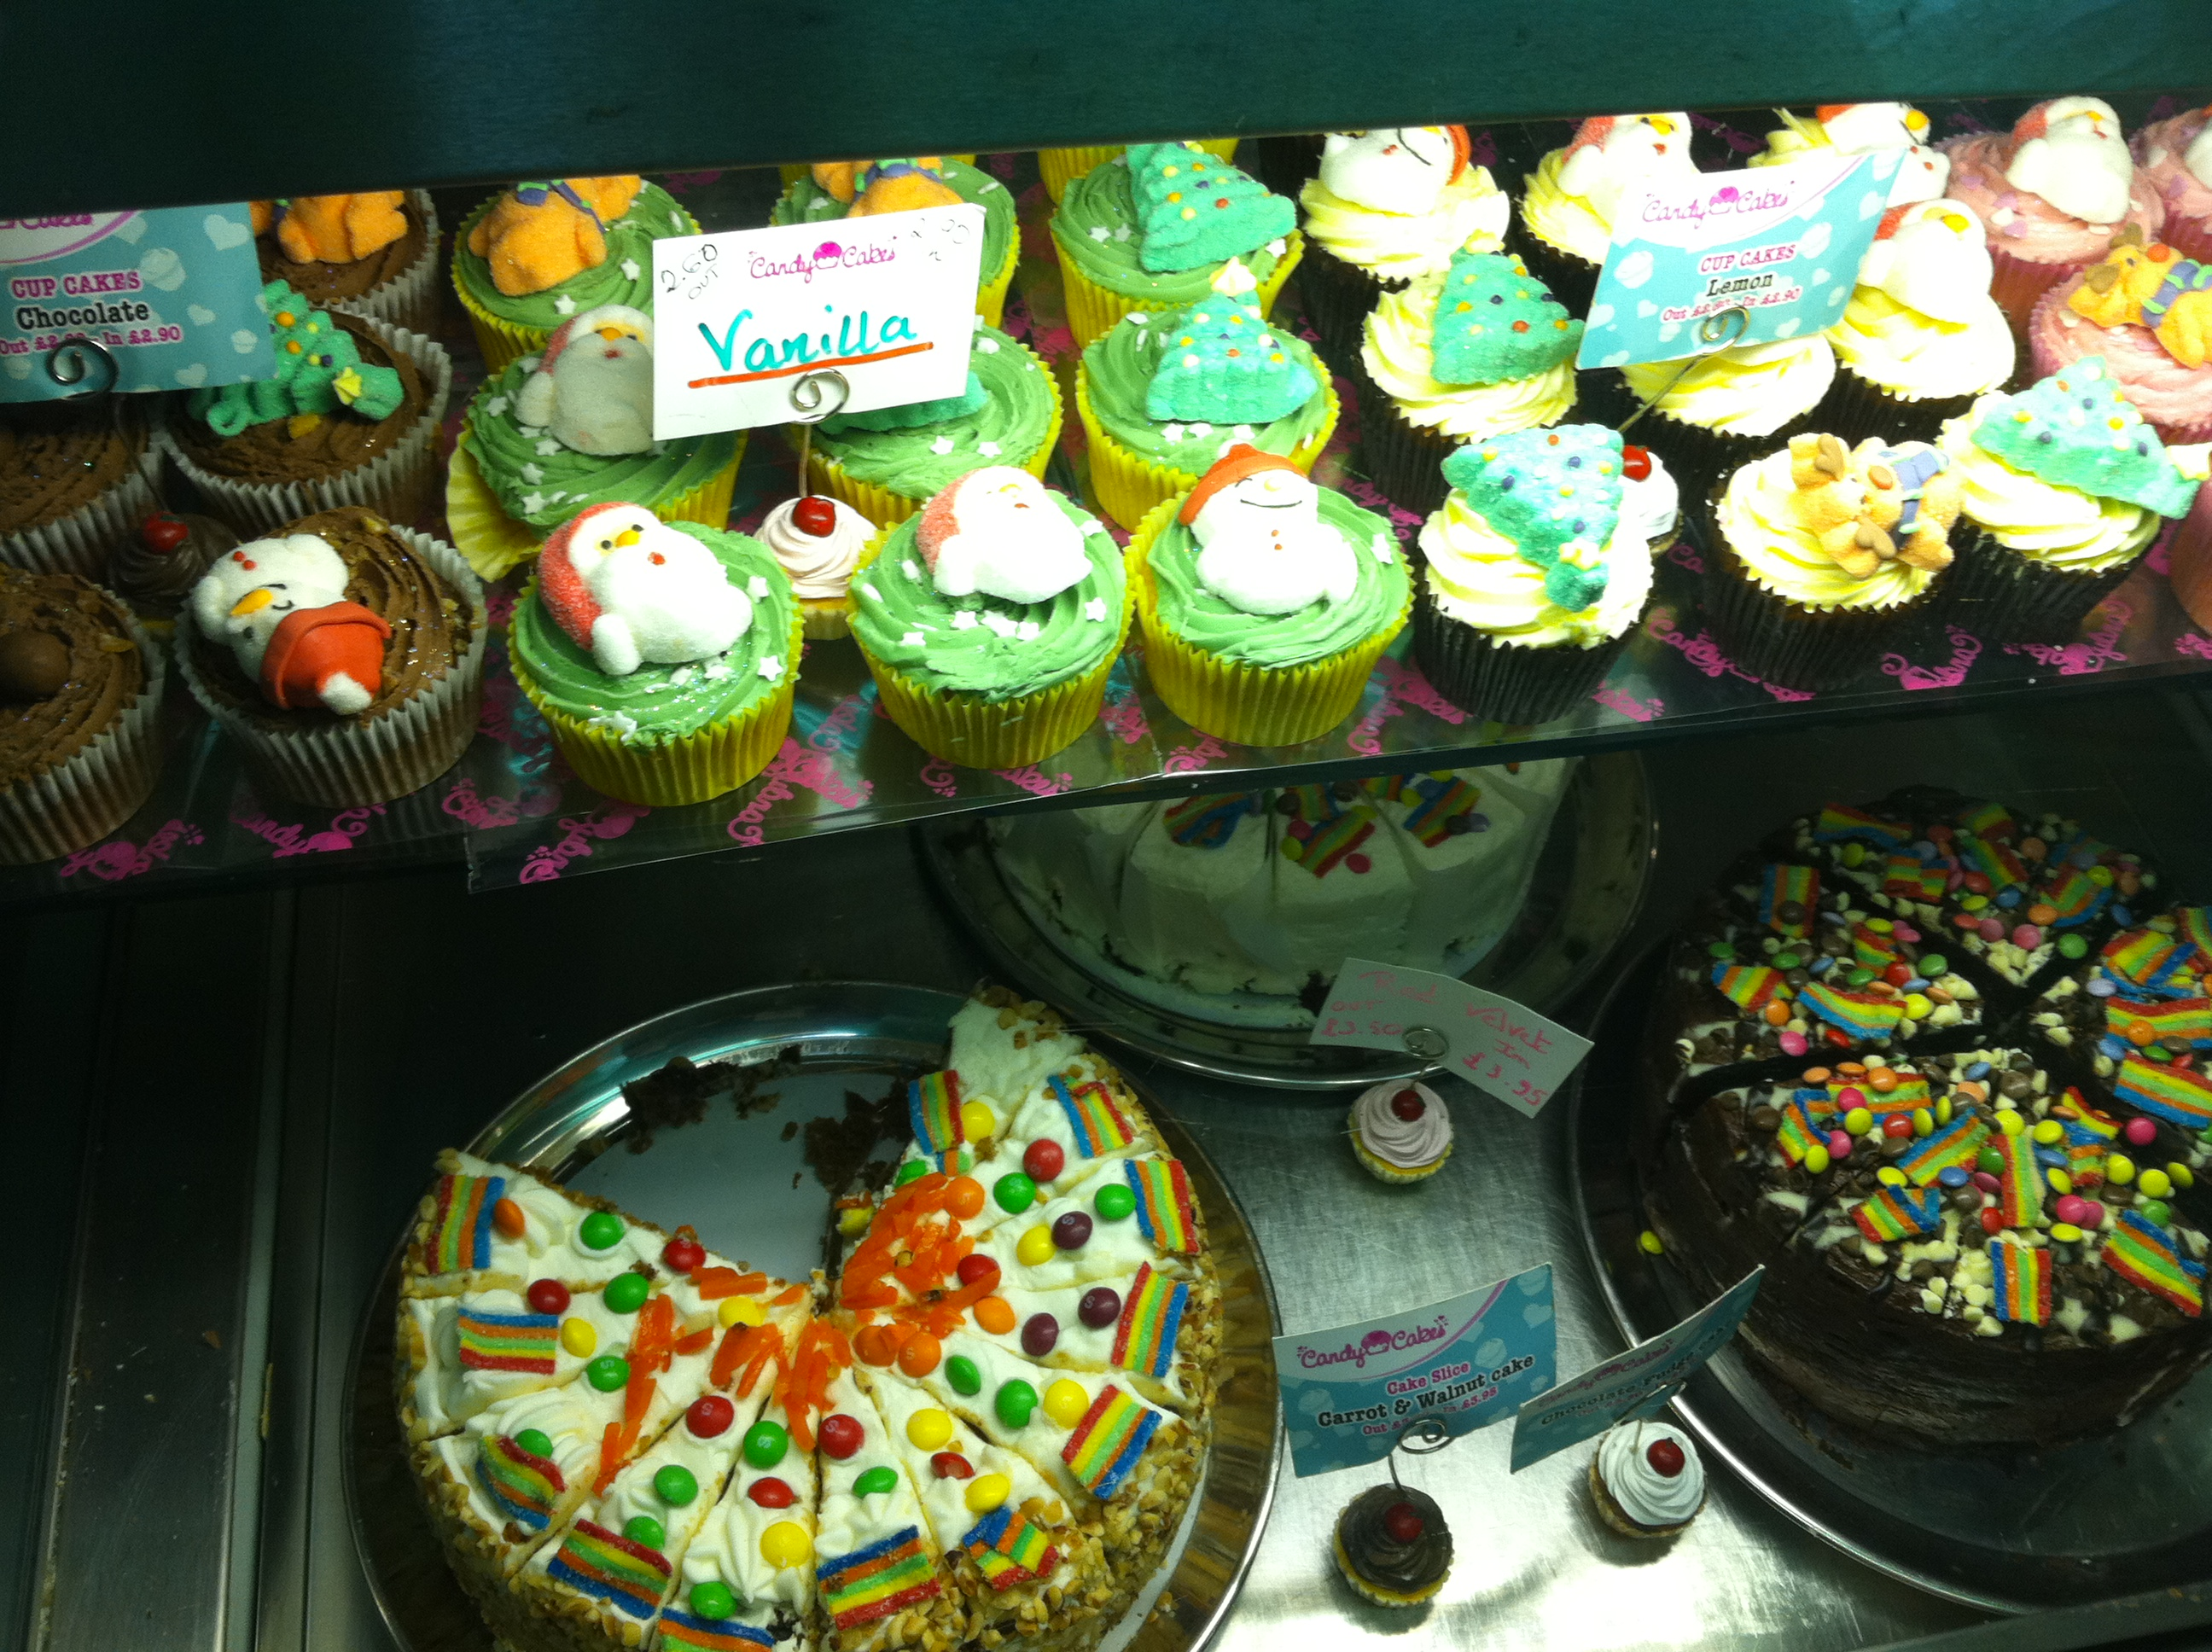 Des cupcakes jusqu'à plus faim